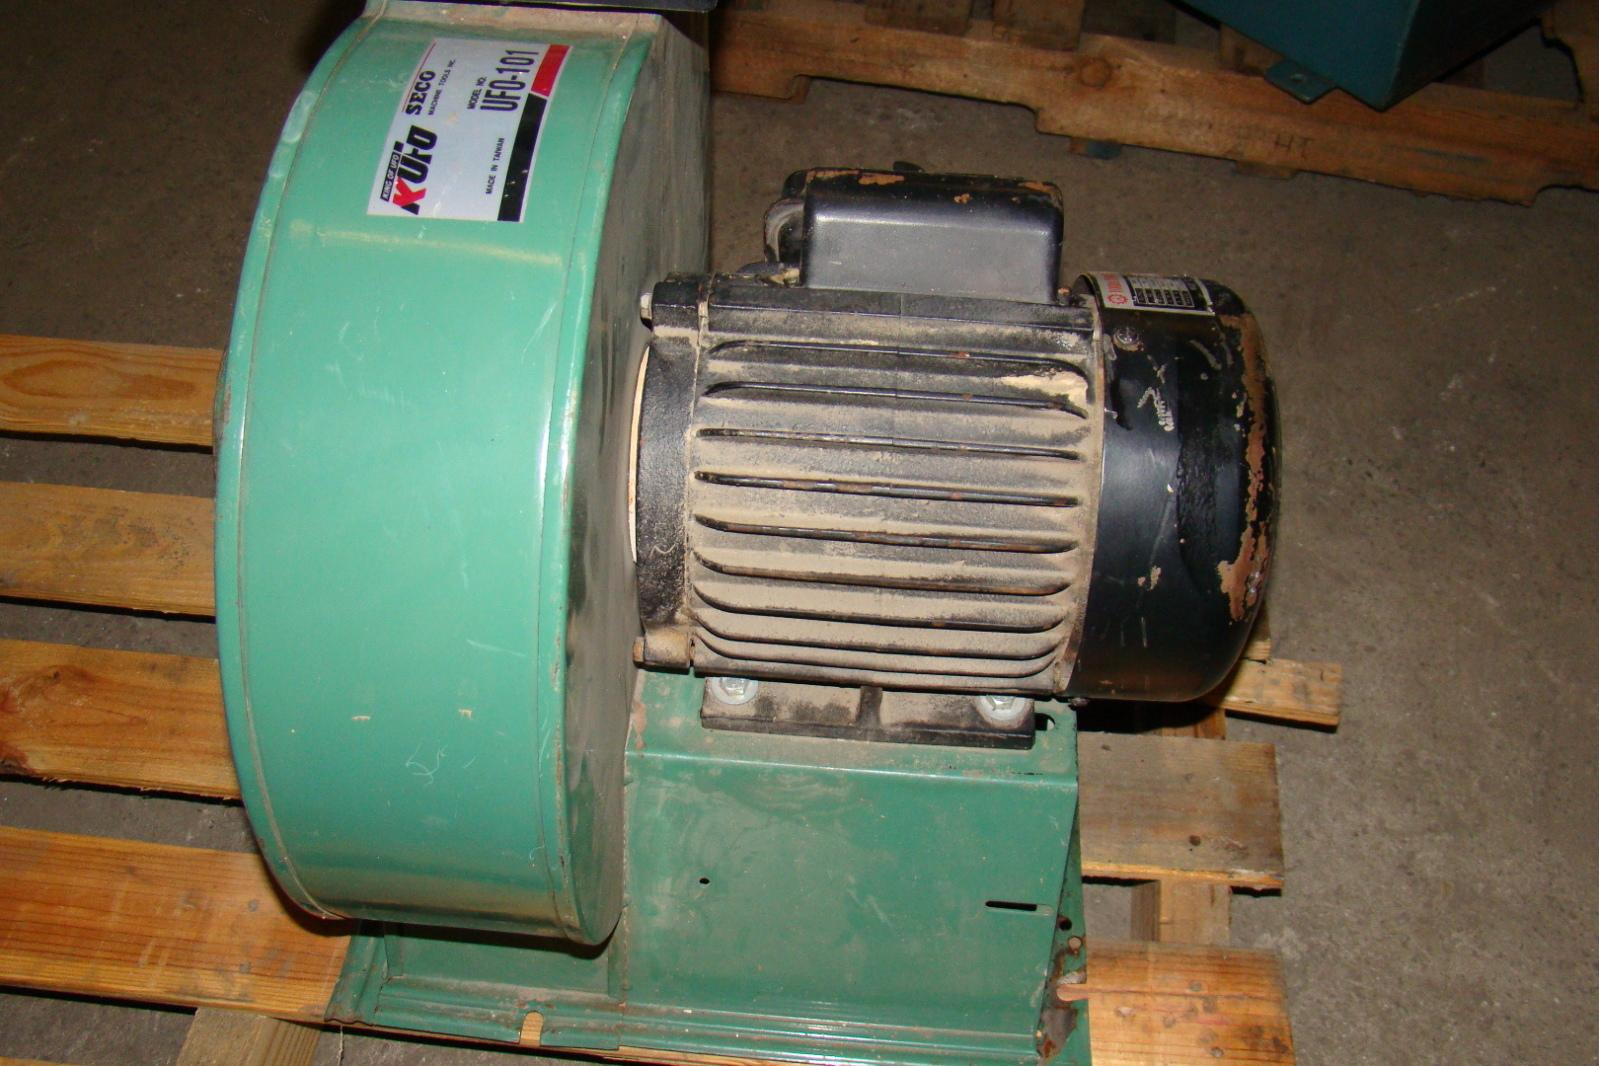 KUFO Blower 1224 CFM Youba 2HP Motor 110v/220v UF0 101 #3D8E74